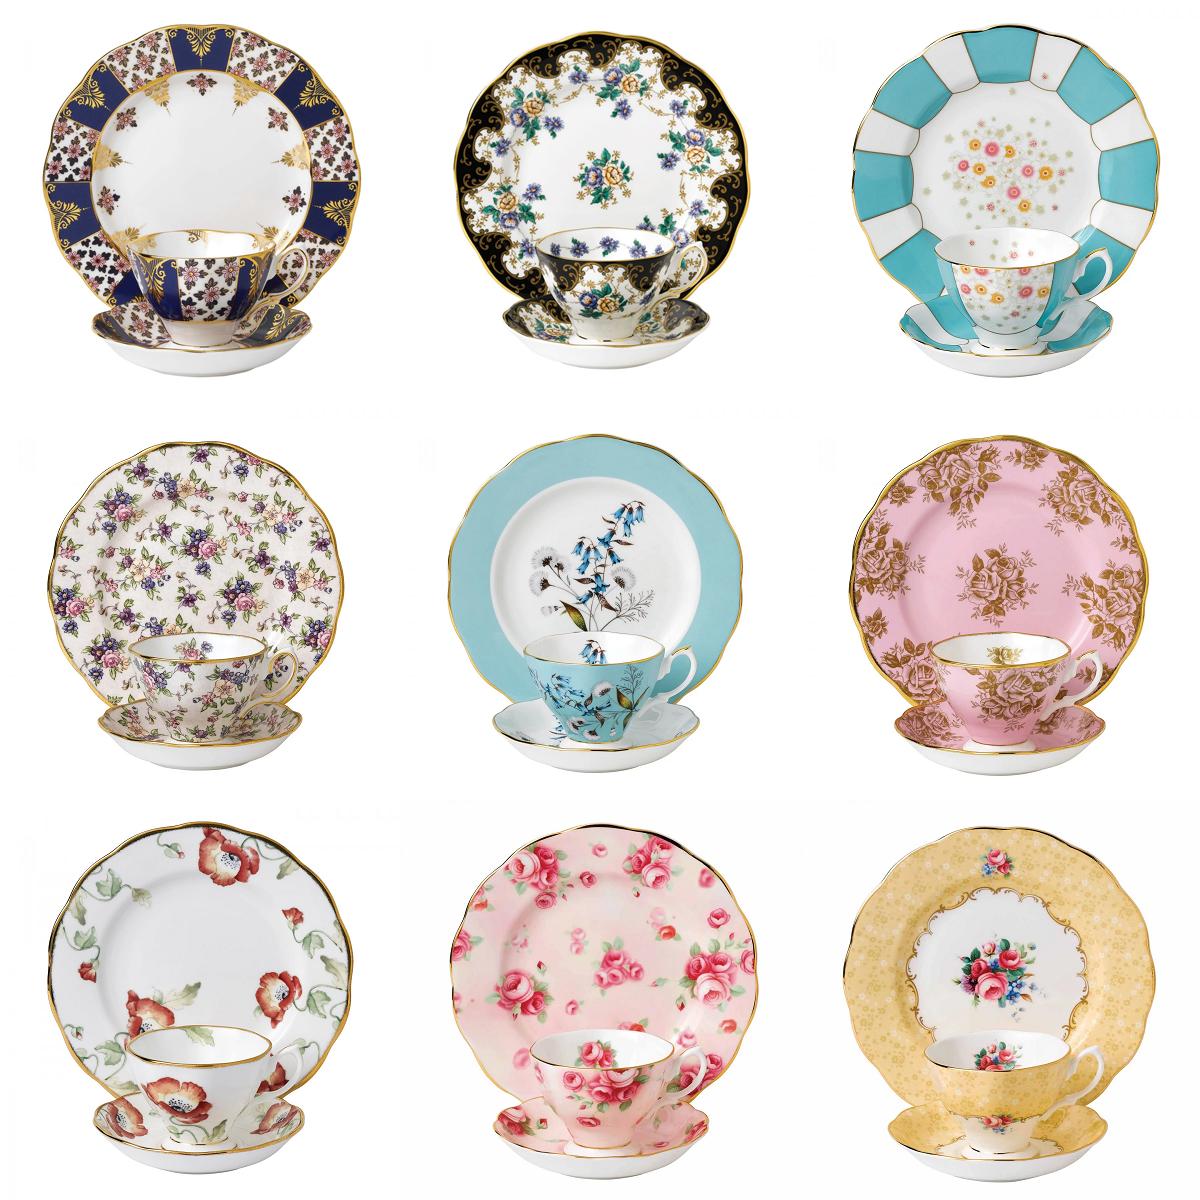 正品清仓英国 Royal Albert百年骨瓷咖啡茶杯碟盘三3件套礼盒装